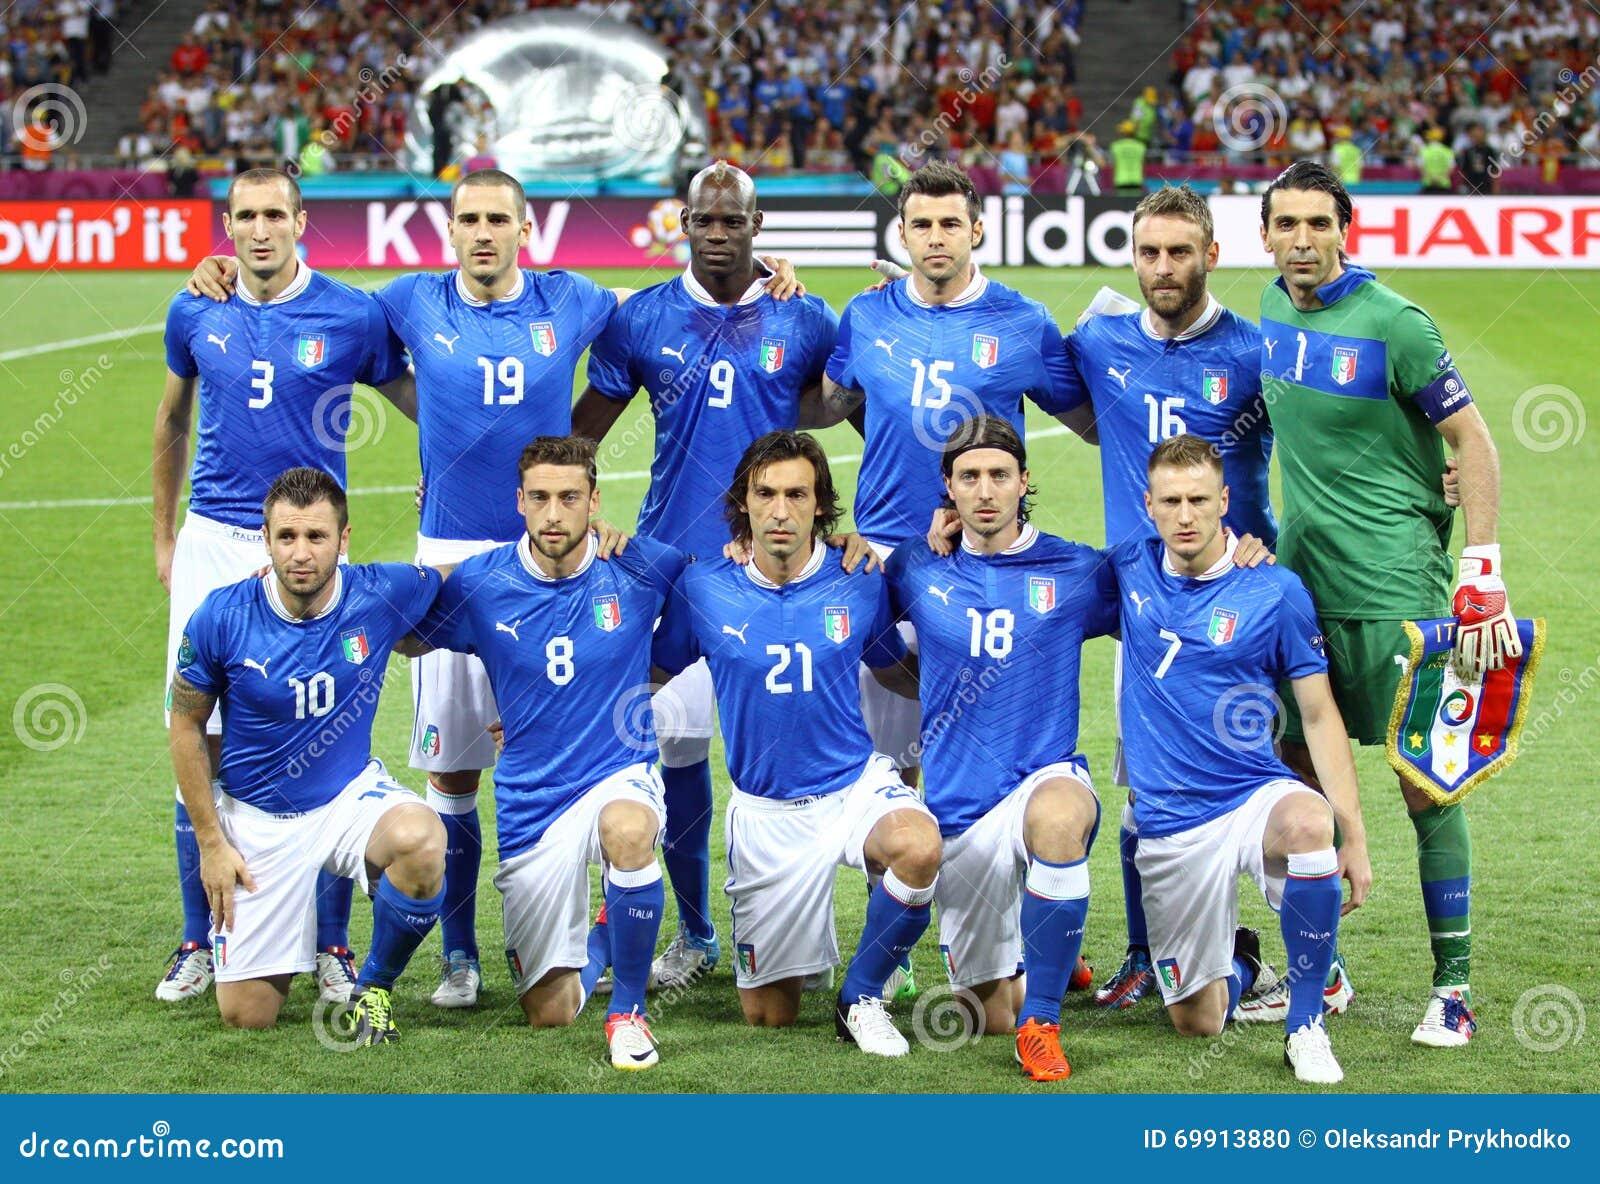 UEFA-EURO Endspiel 2012 Spanien gegen Italien